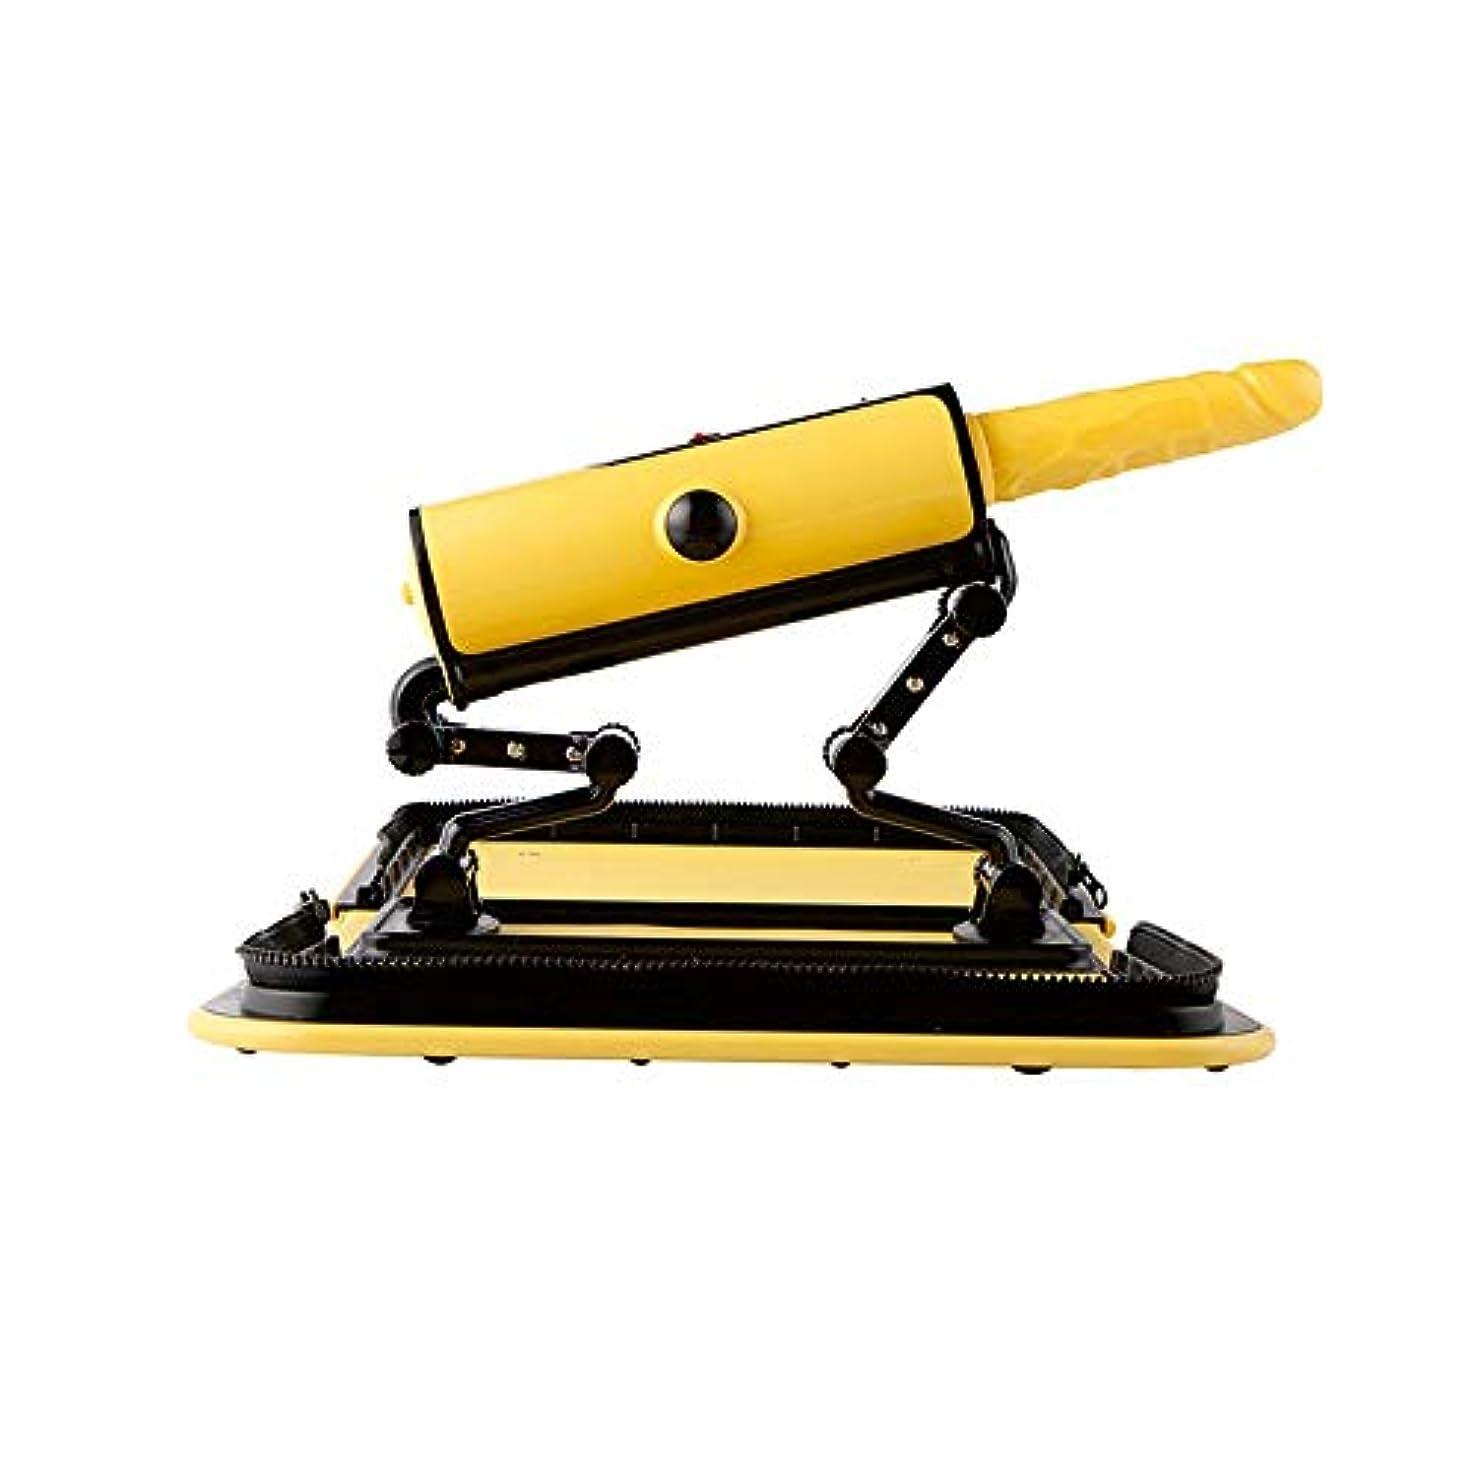 純粋な純粋な願望KGJJHYBGTOY 完璧なハーネスビジナルカップラブマシン玩具での自動機オナニー RELAX MASSAGE BODY